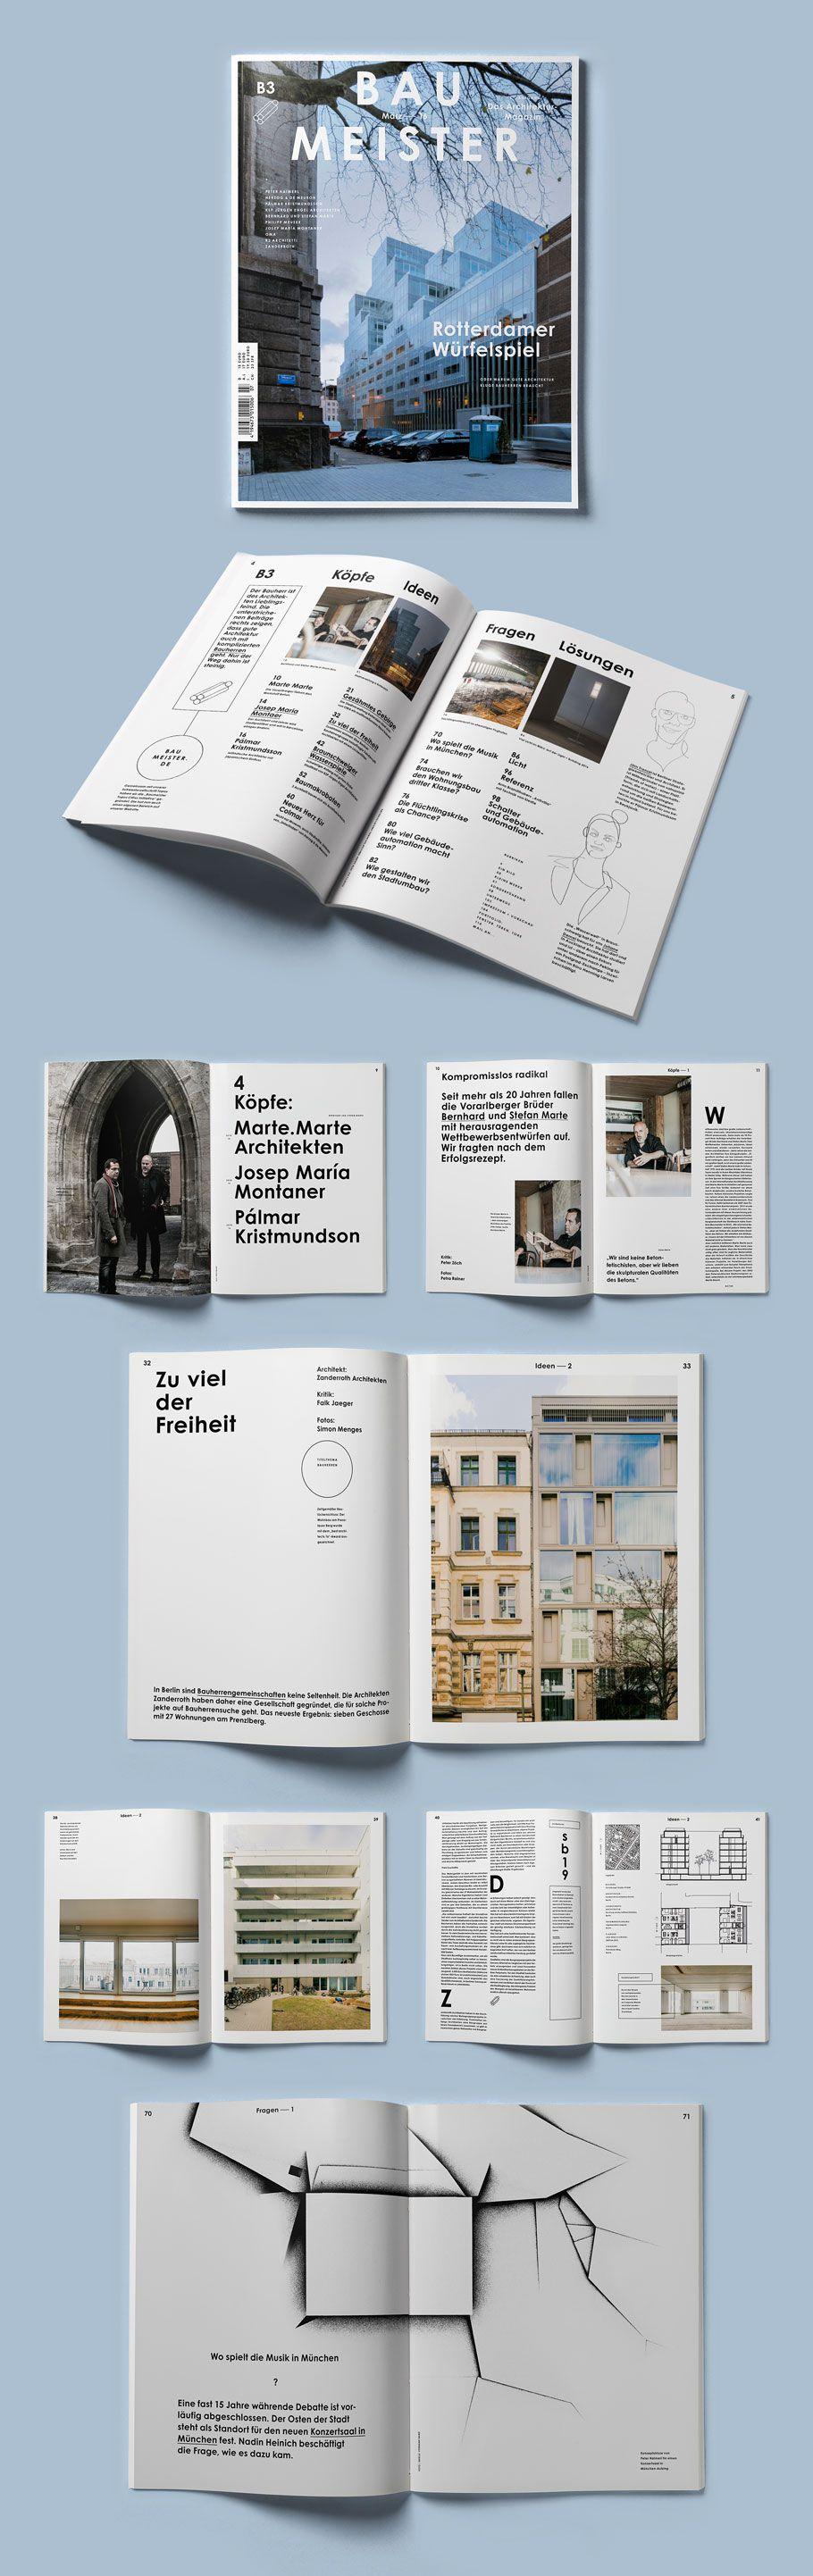 Herburg Weiland: Baumeister | Editorial | Pinterest | Broschüren ...